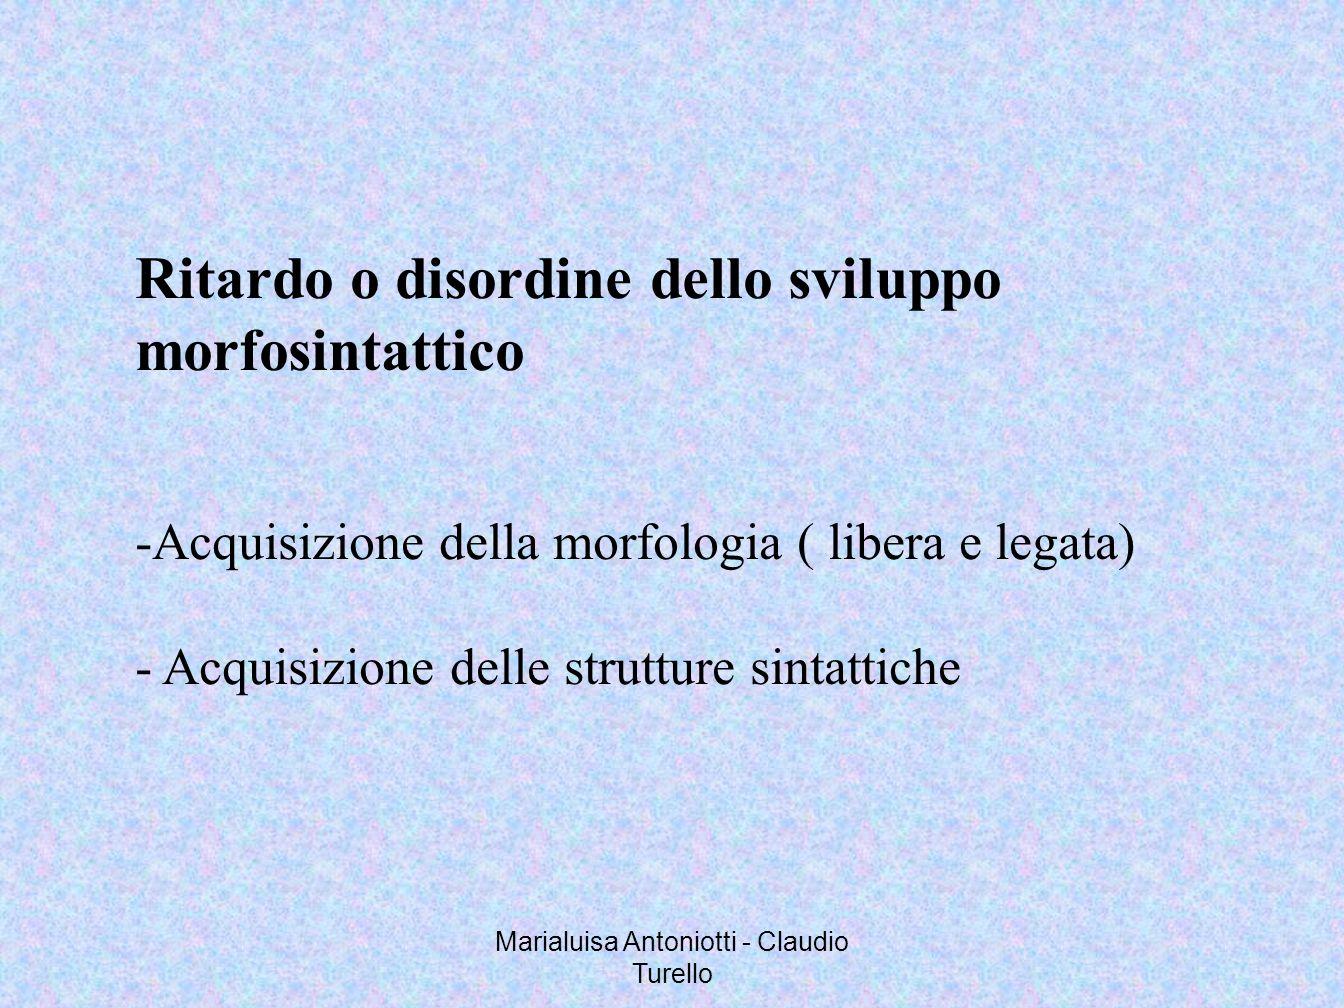 Marialuisa Antoniotti - Claudio Turello Ritardo o disordine dello sviluppo morfosintattico -Acquisizione della morfologia ( libera e legata) - Acquisi